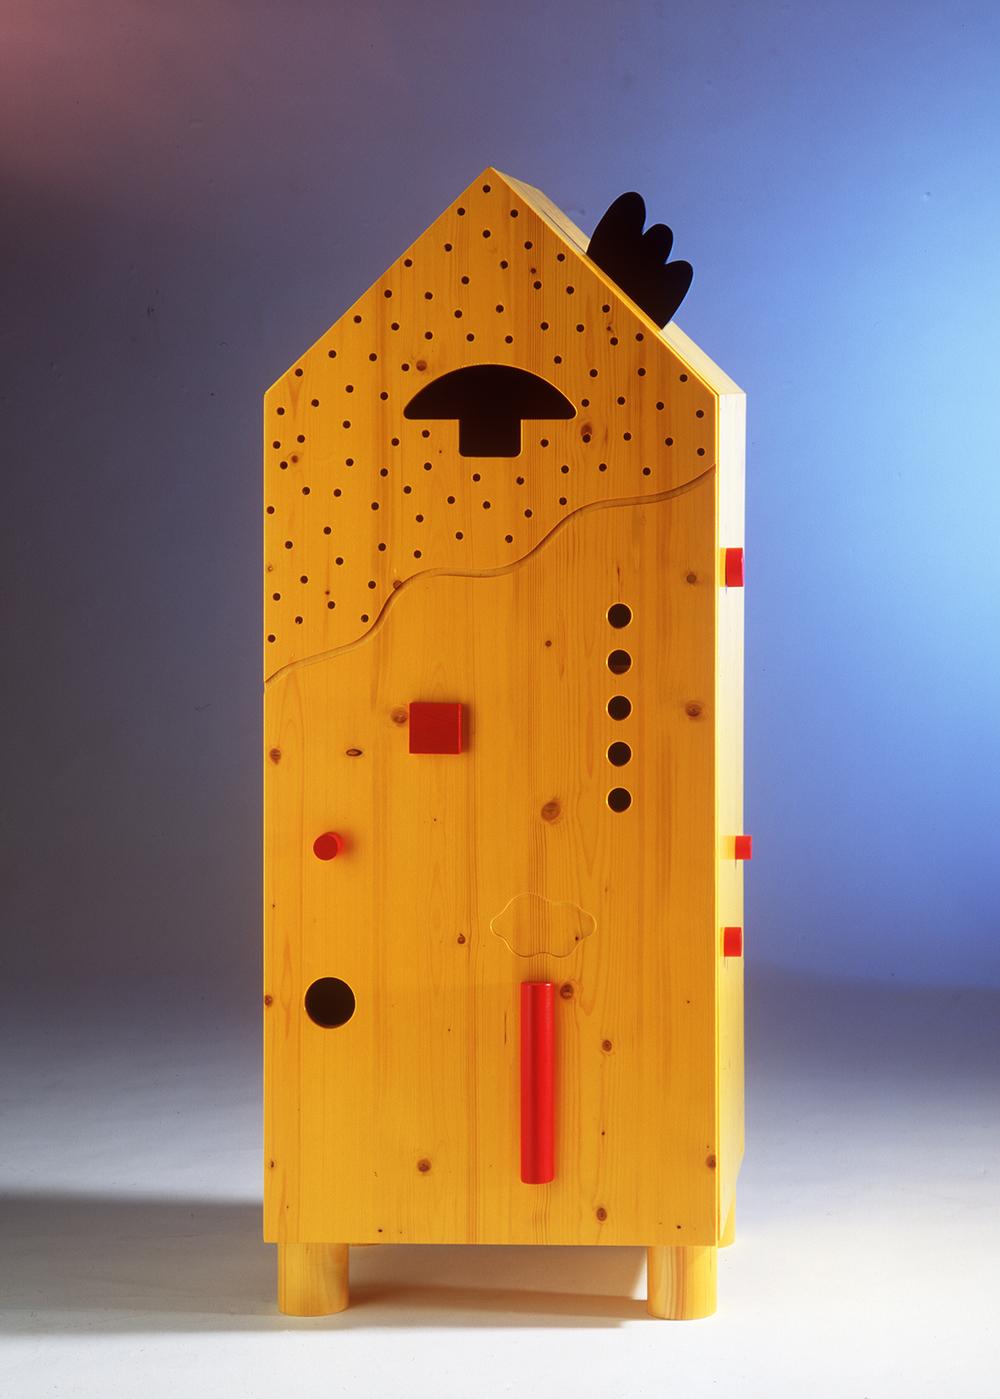 Hausschrank gelb.jpg